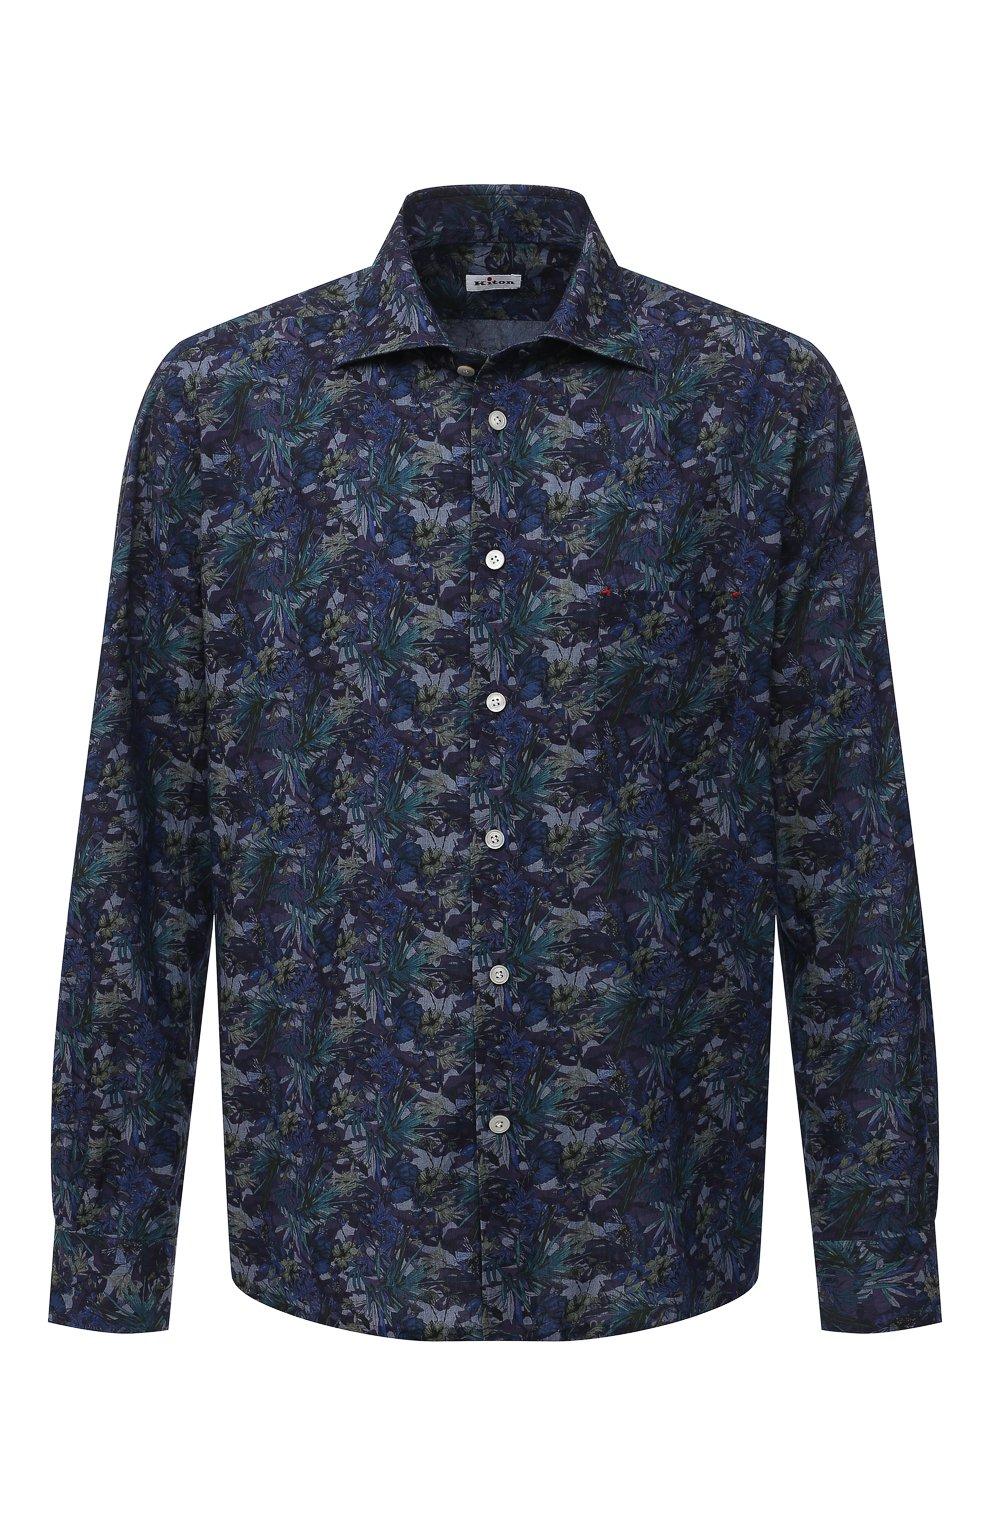 Мужская хлопковая рубашка KITON синего цвета, арт. UMCNERH0767702/46-50 | Фото 1 (Манжеты: На пуговицах; Рукава: Длинные; Рубашки М: Regular Fit; Воротник: Акула; Случай: Повседневный; Длина (для топов): Стандартные; Принт: С принтом; Материал внешний: Хлопок; Стили: Кэжуэл)